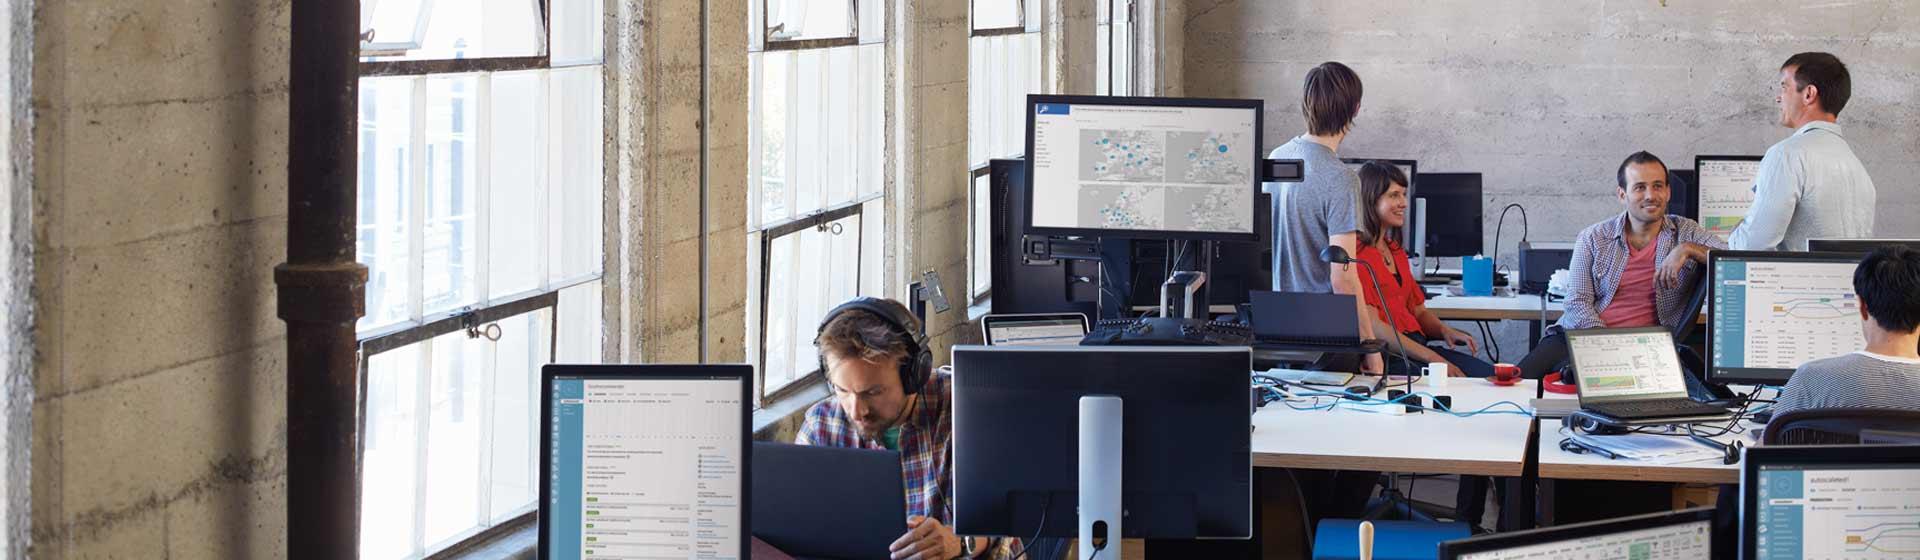 Groupe de collègues installés autour de leurs postes de travail dans un bureau rempli d'ordinateurs exécutant Office 365